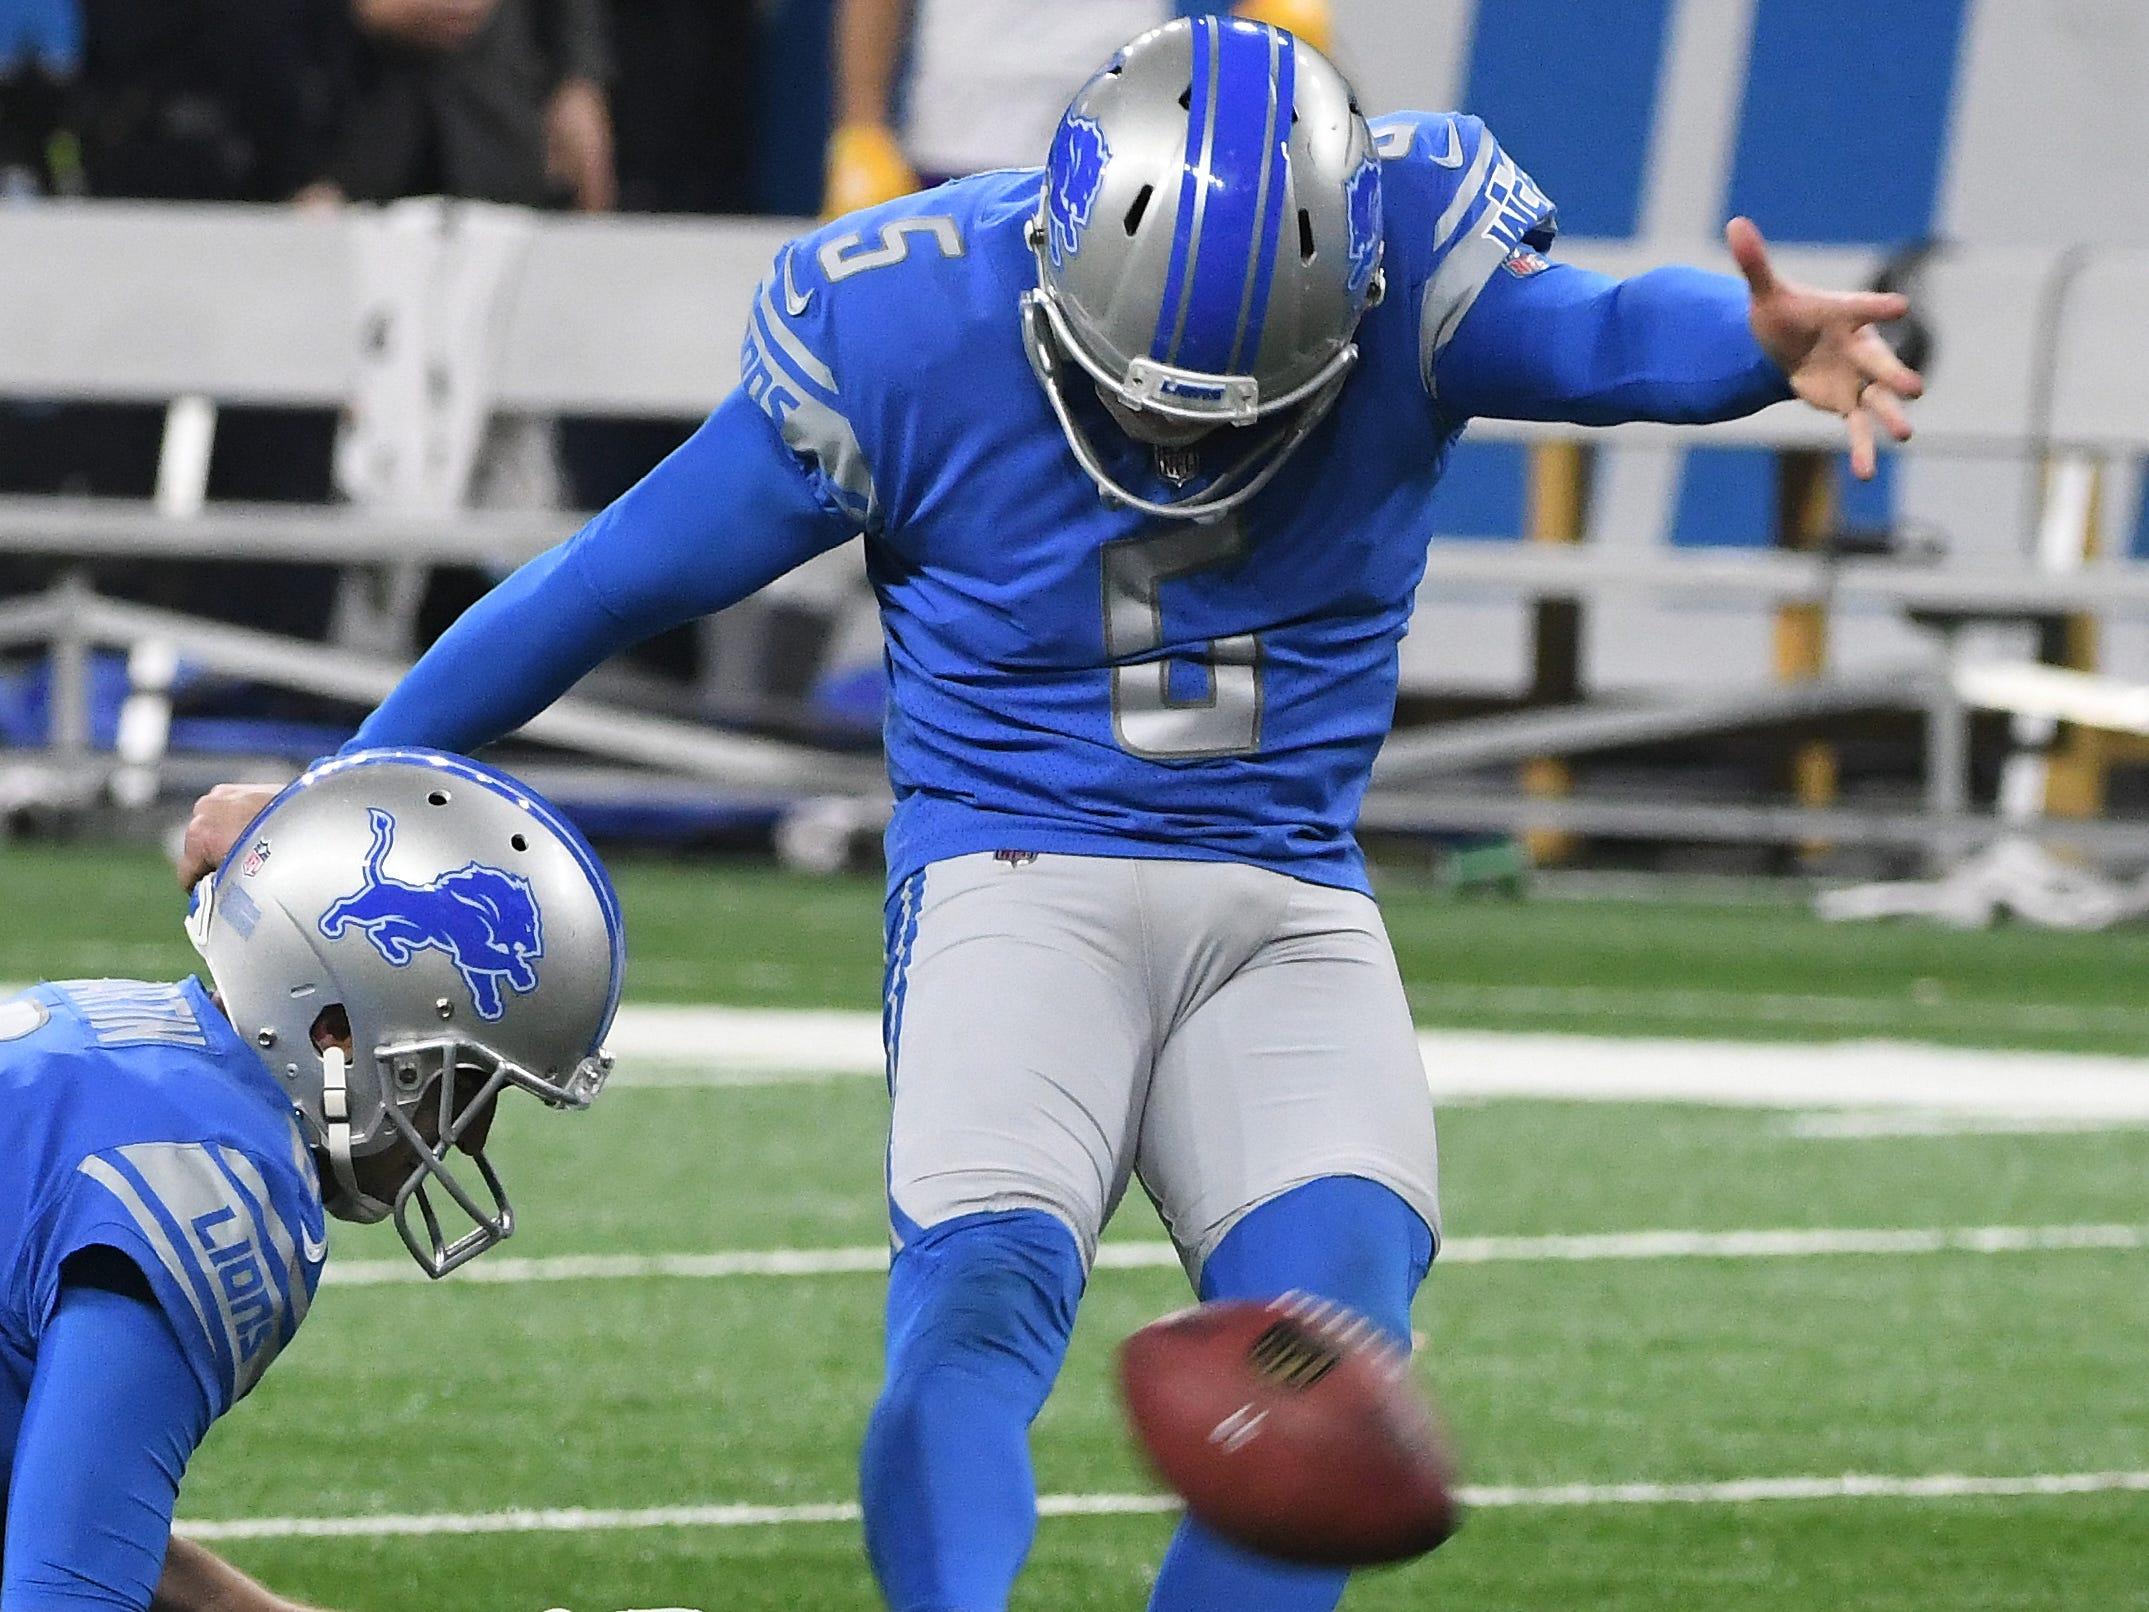 Lions kicker Matt Prater kicks a field goal, one of three successful field goal attempts, in the second quarter.